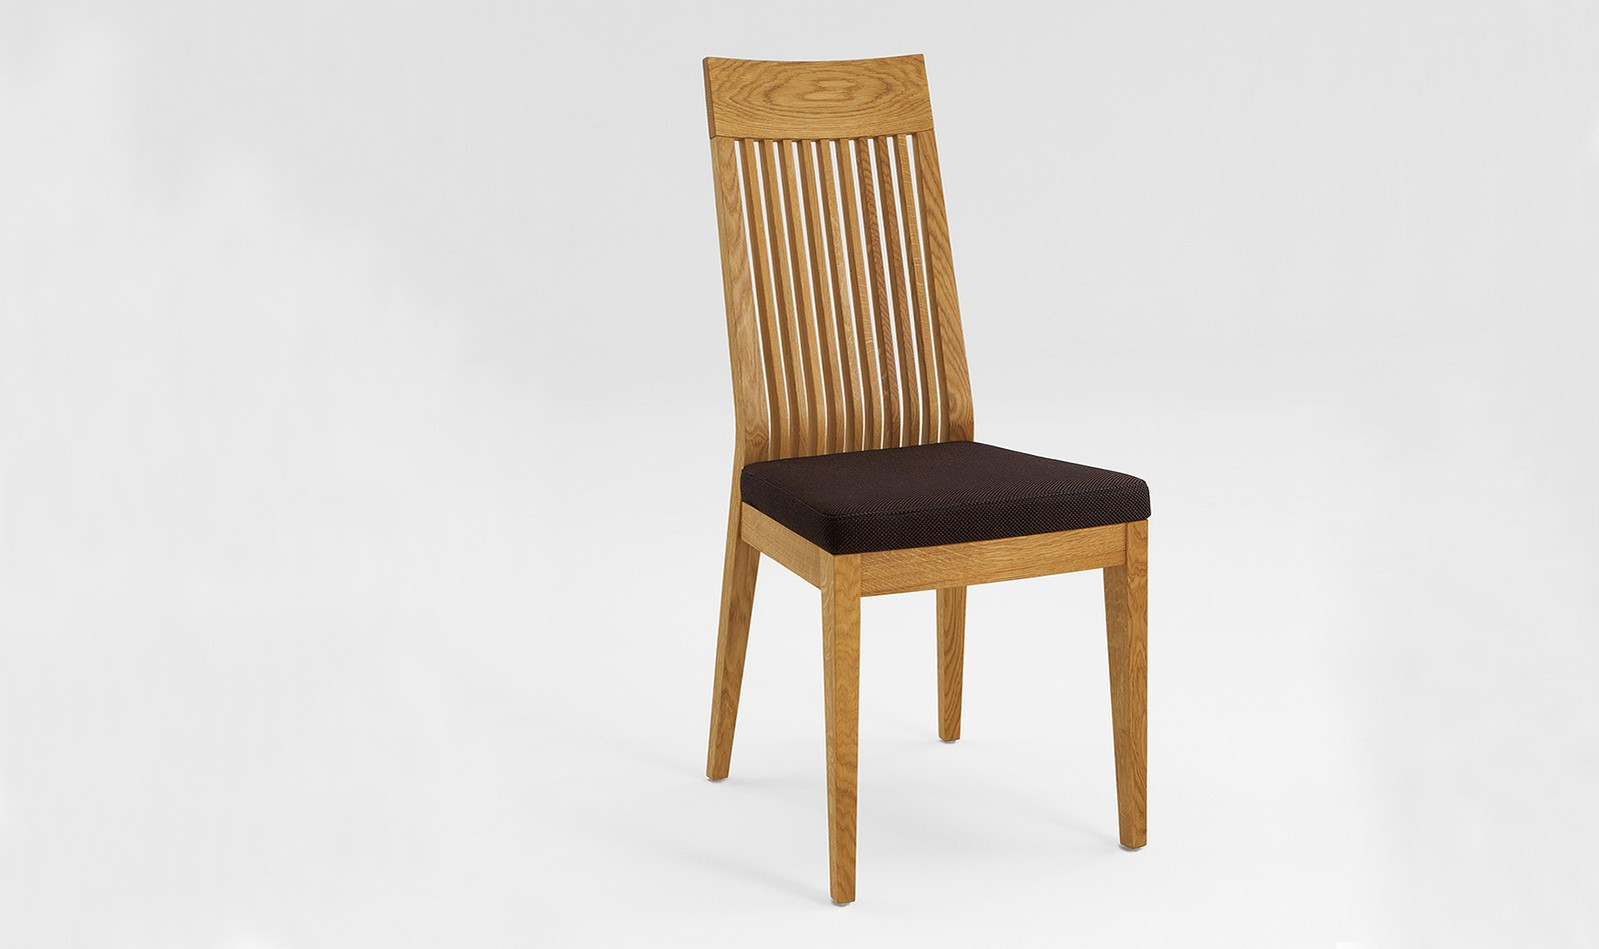 venjakob stuhl nadine 3201 stoffgruppe a. Black Bedroom Furniture Sets. Home Design Ideas